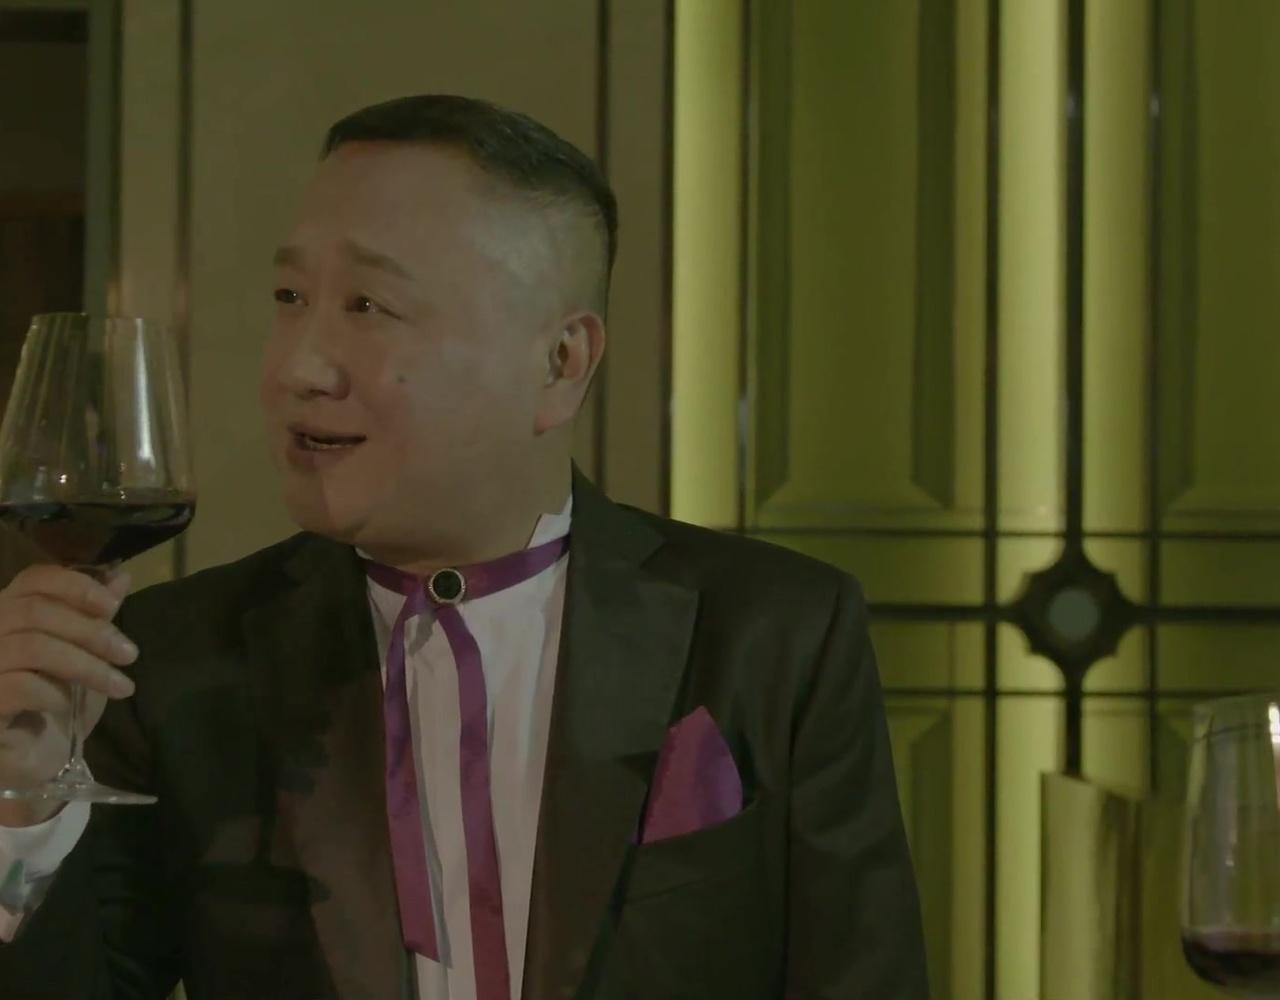 【集播客】82年拉菲的背后隐藏着什么惊天秘密?!